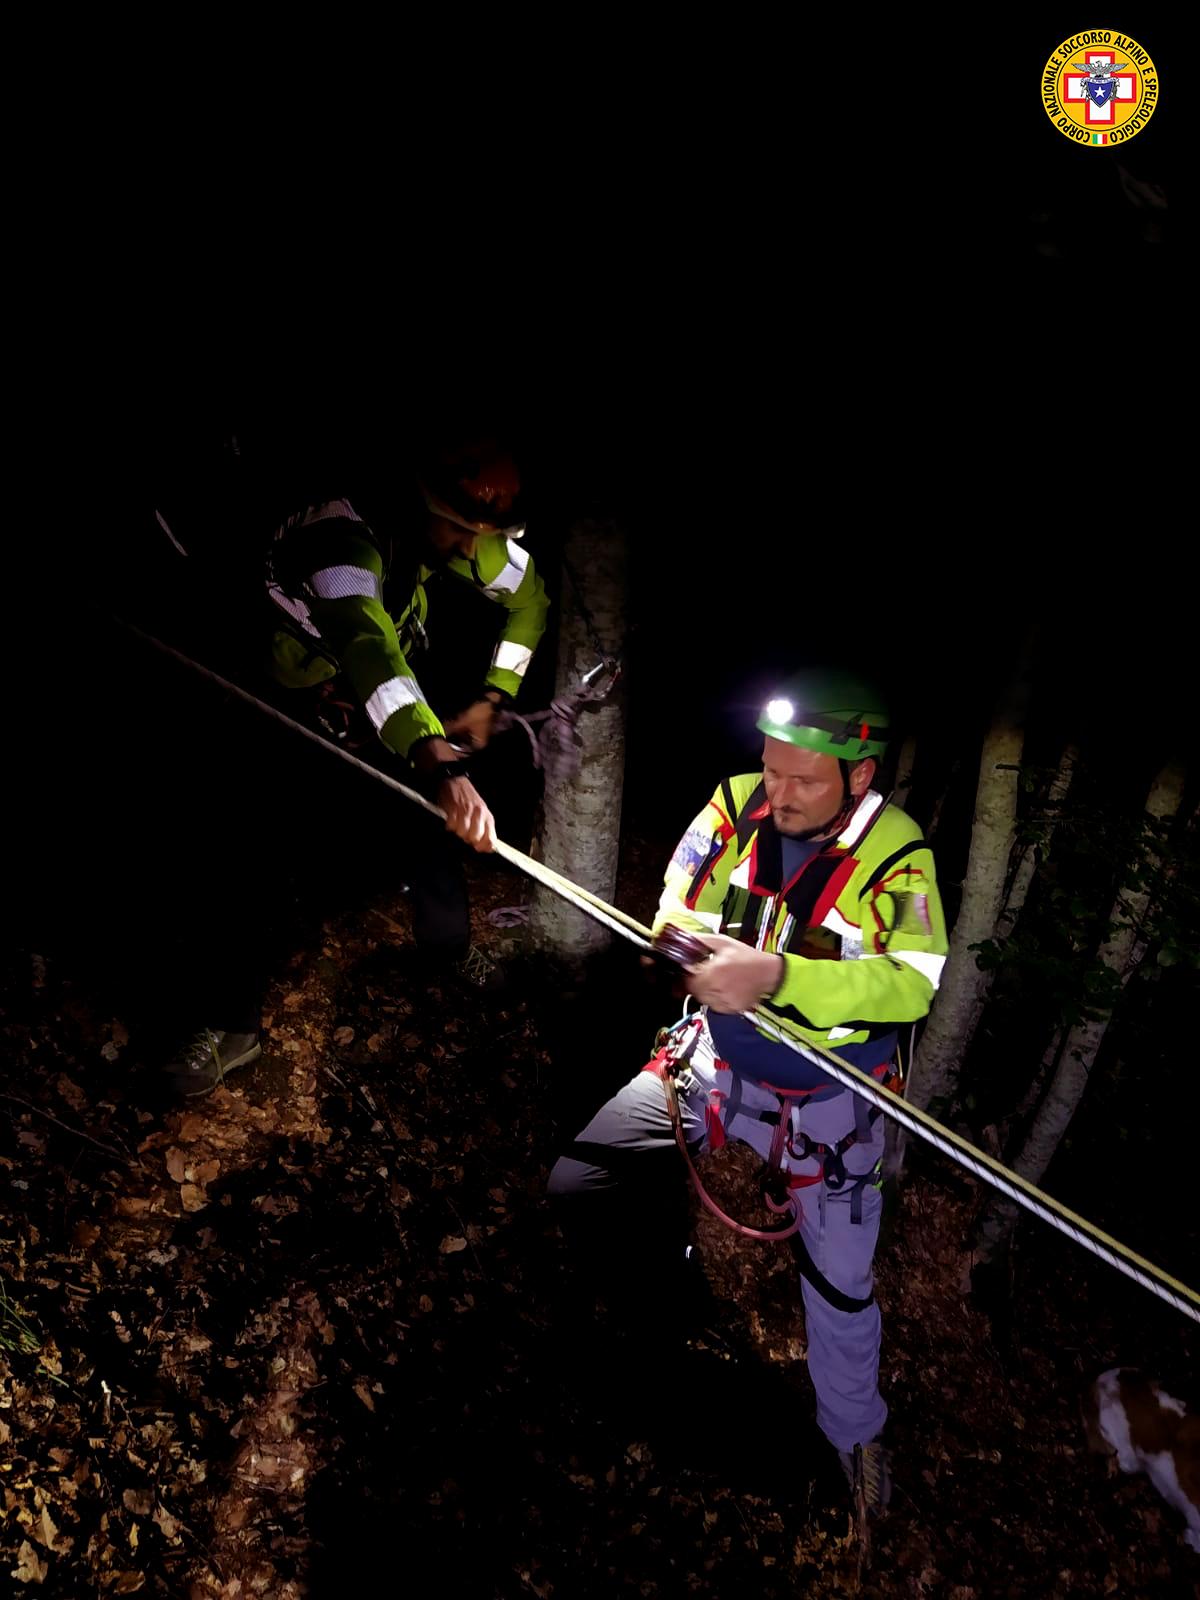 Cercatore di funghi ferito, recuperato di notte dal Soccorso Alpino